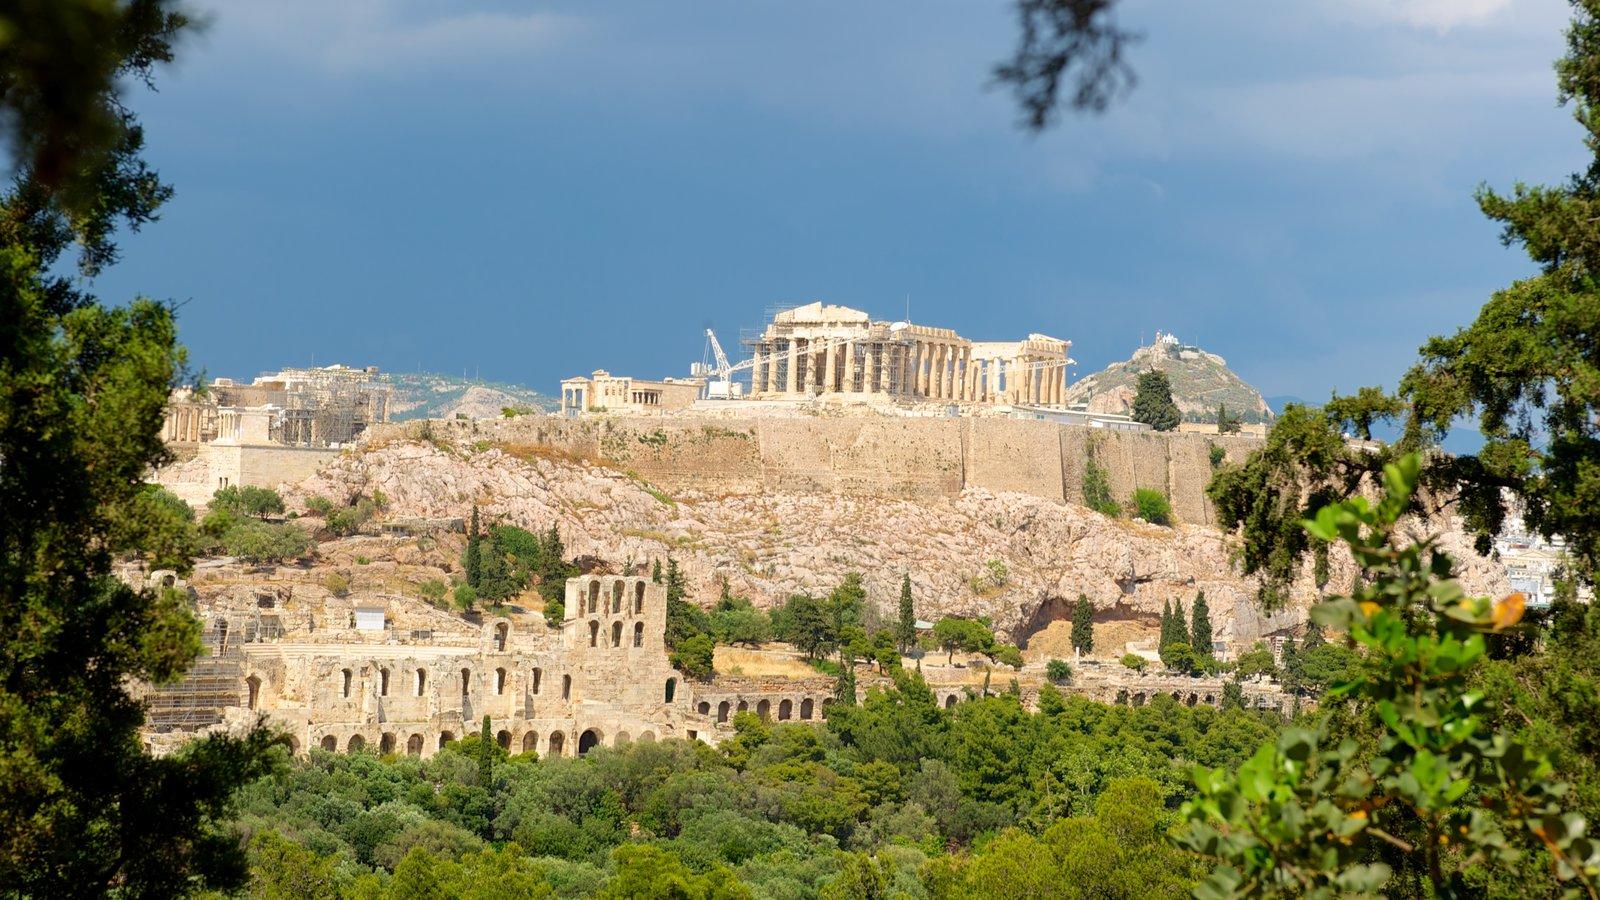 Acrópole caracterizando uma ruína, elementos de patrimônio e um templo ou local de adoração